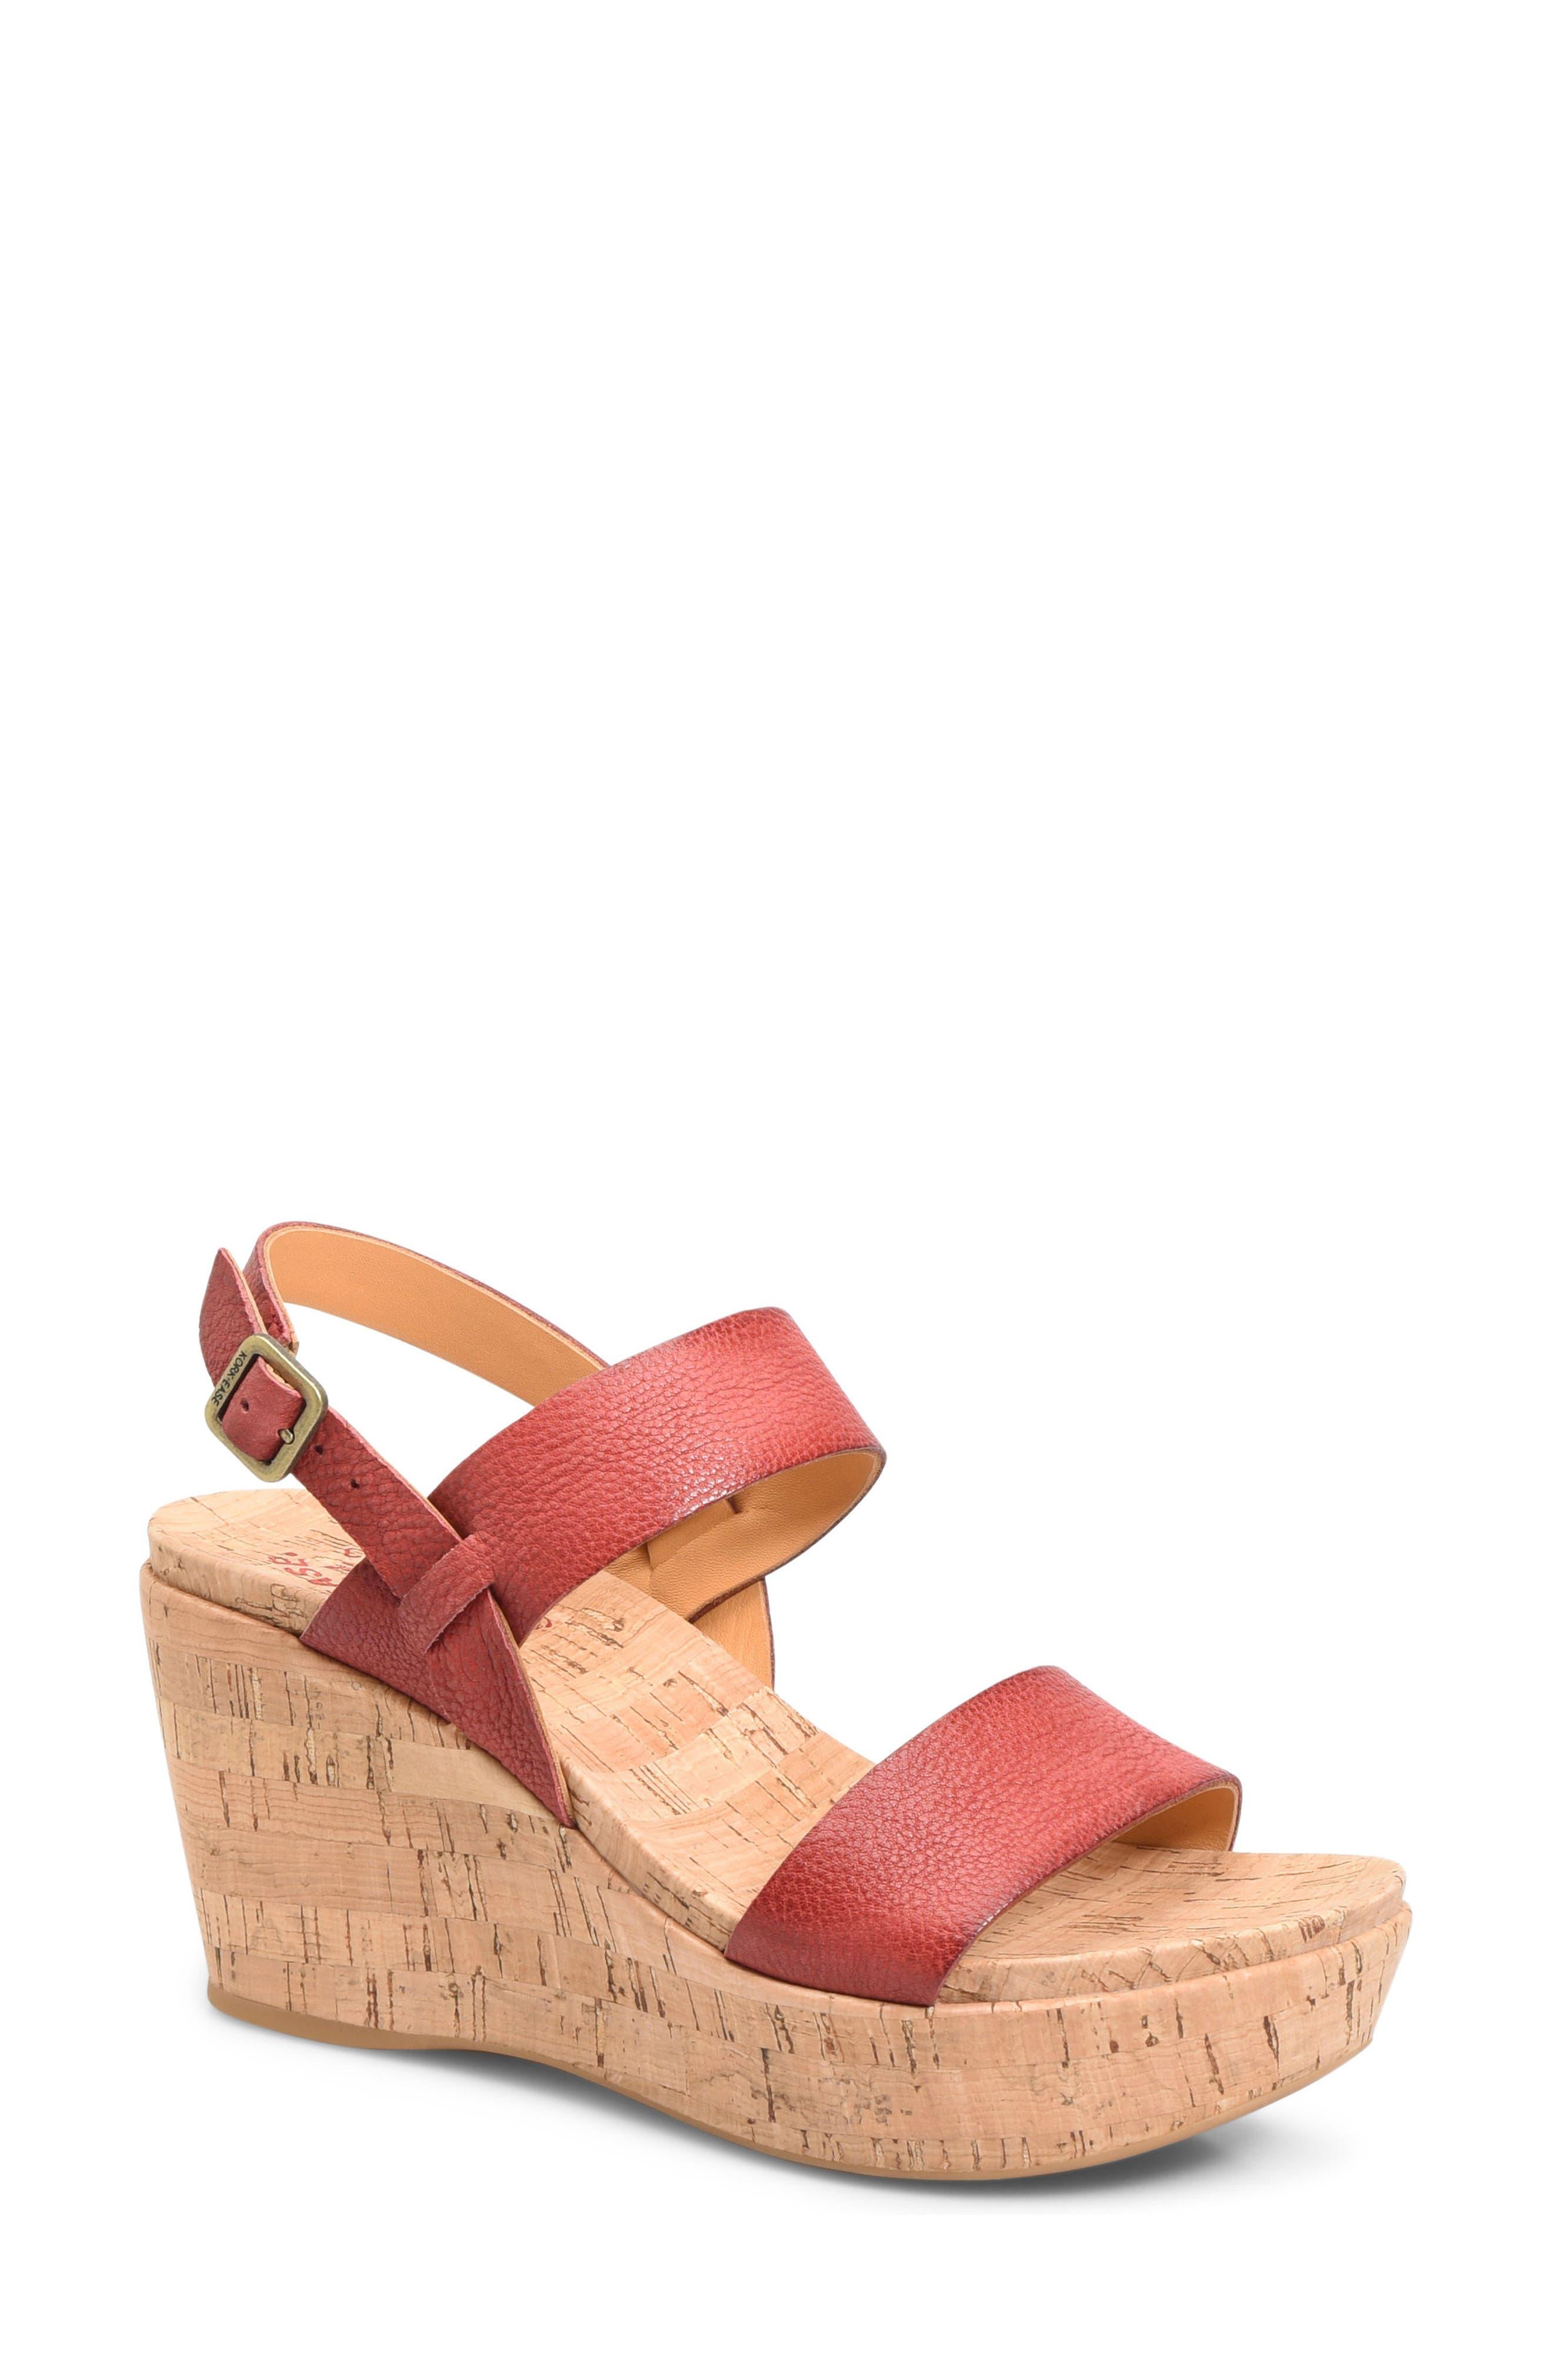 KORK-EASE® 'Austin' Slingback Wedge Sandal